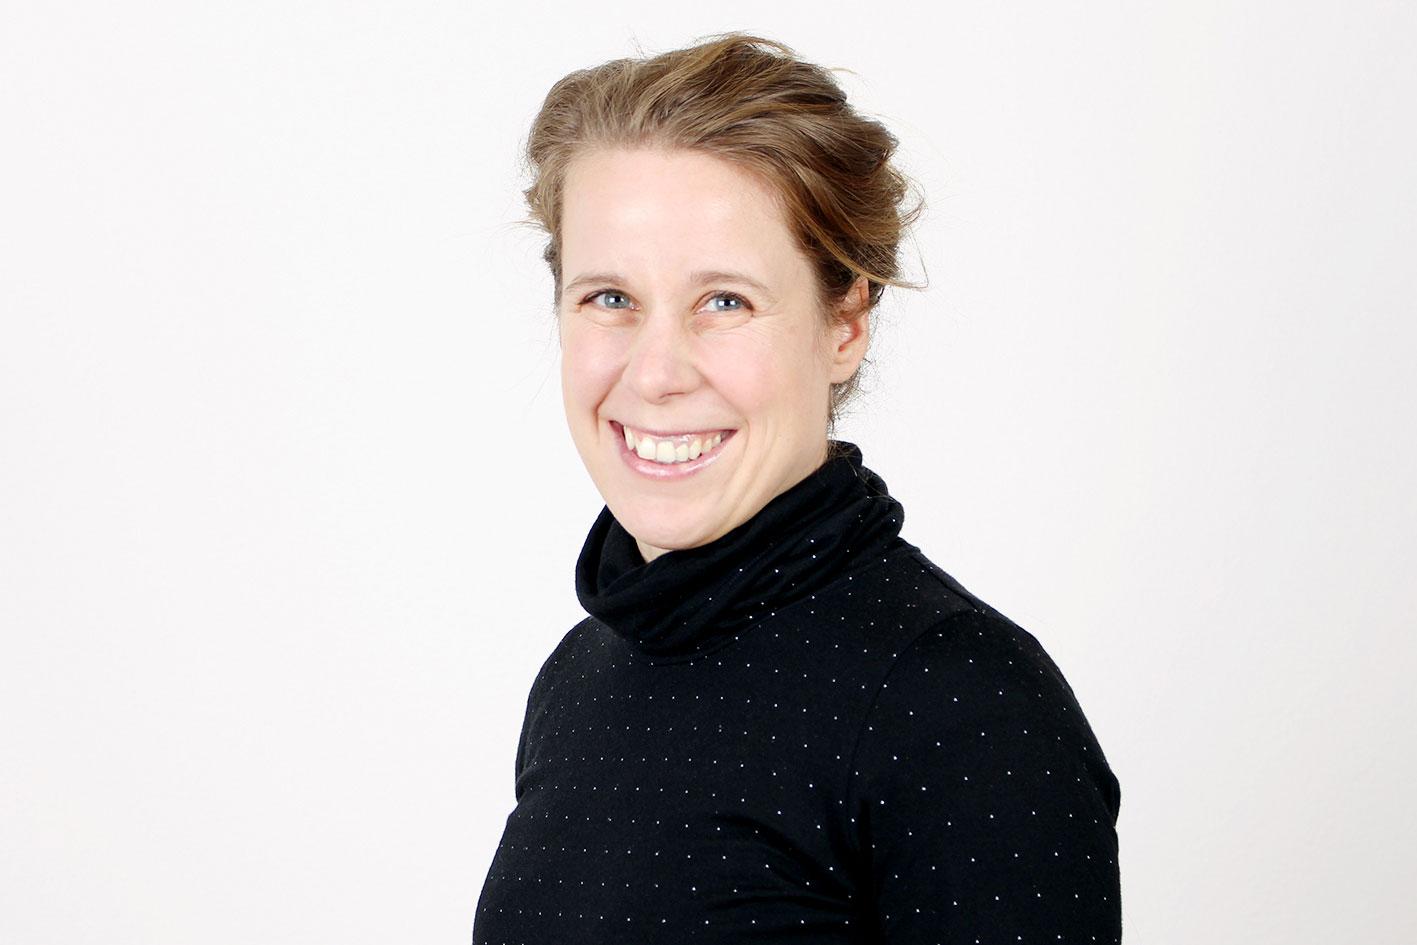 Anne Hillenbach